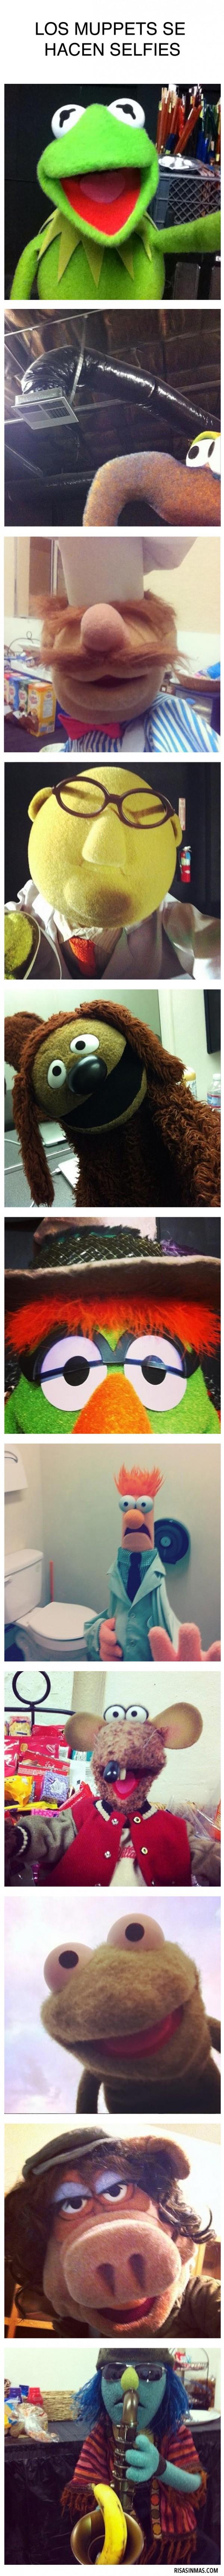 Los Muppets se hacen selfies